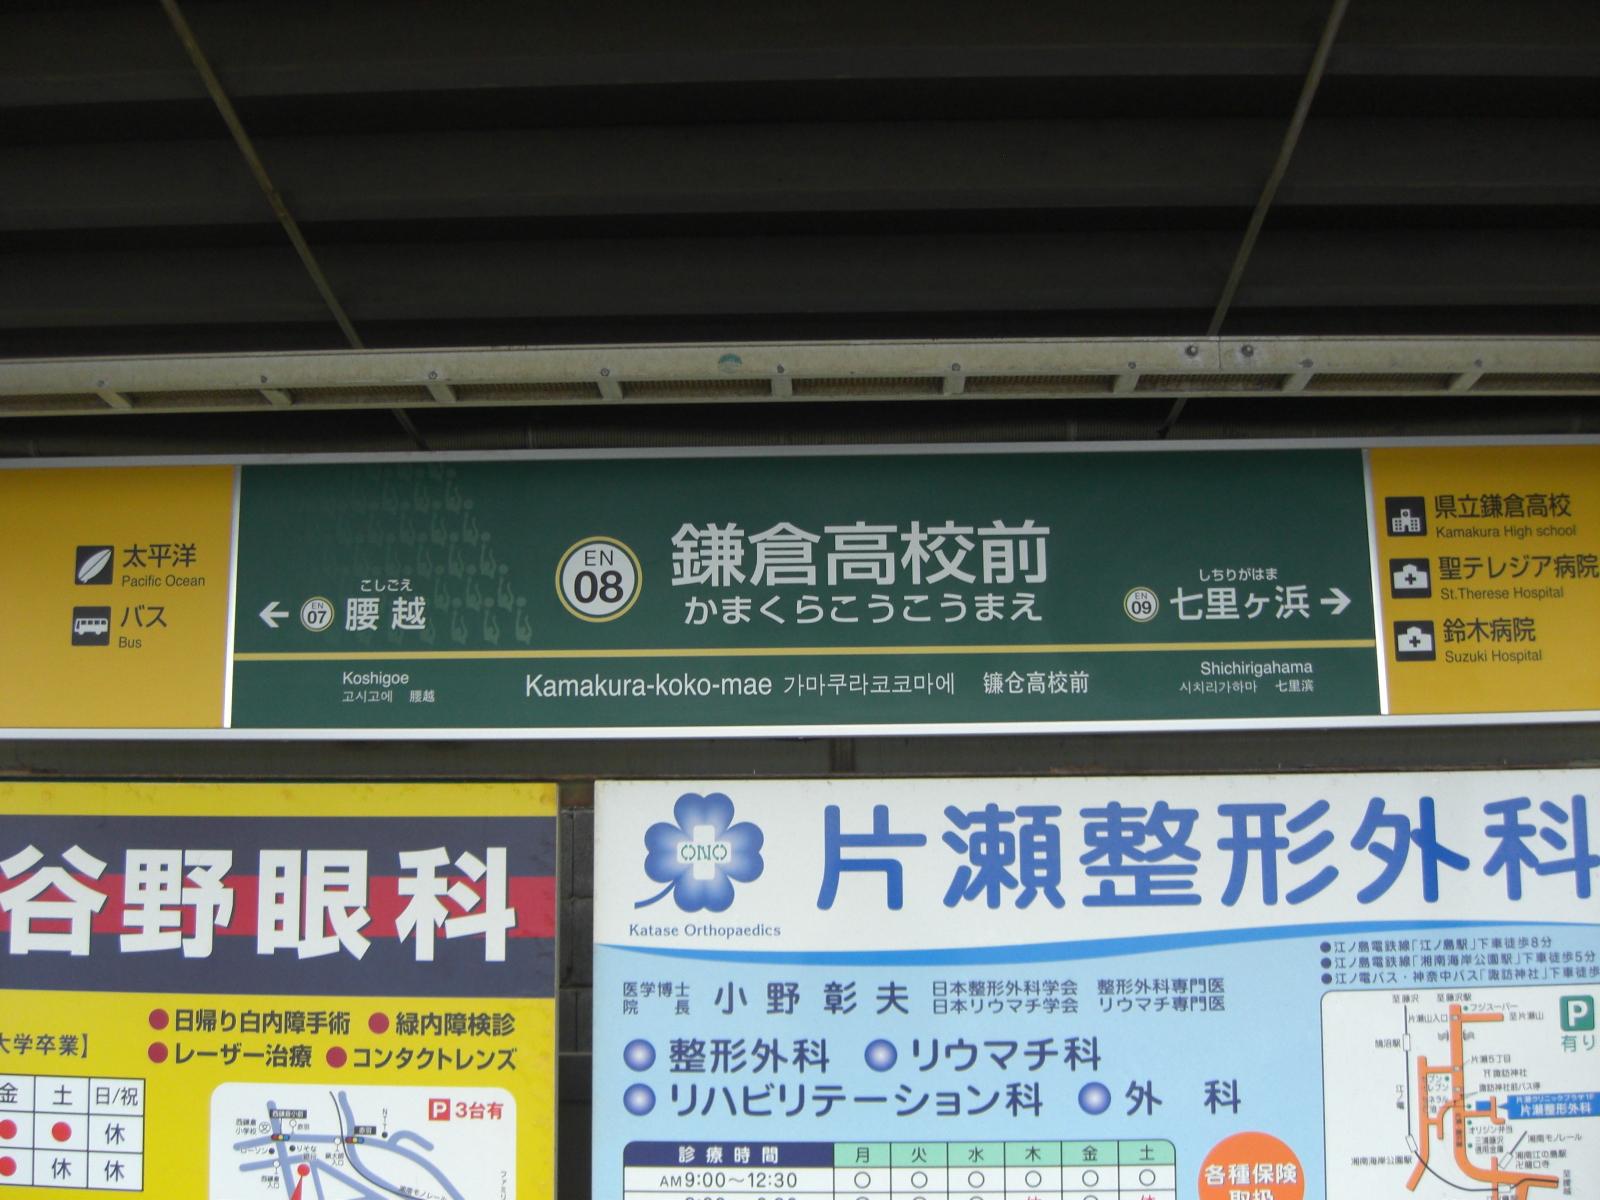 江の電途中下車@鎌倉高校駅前その2